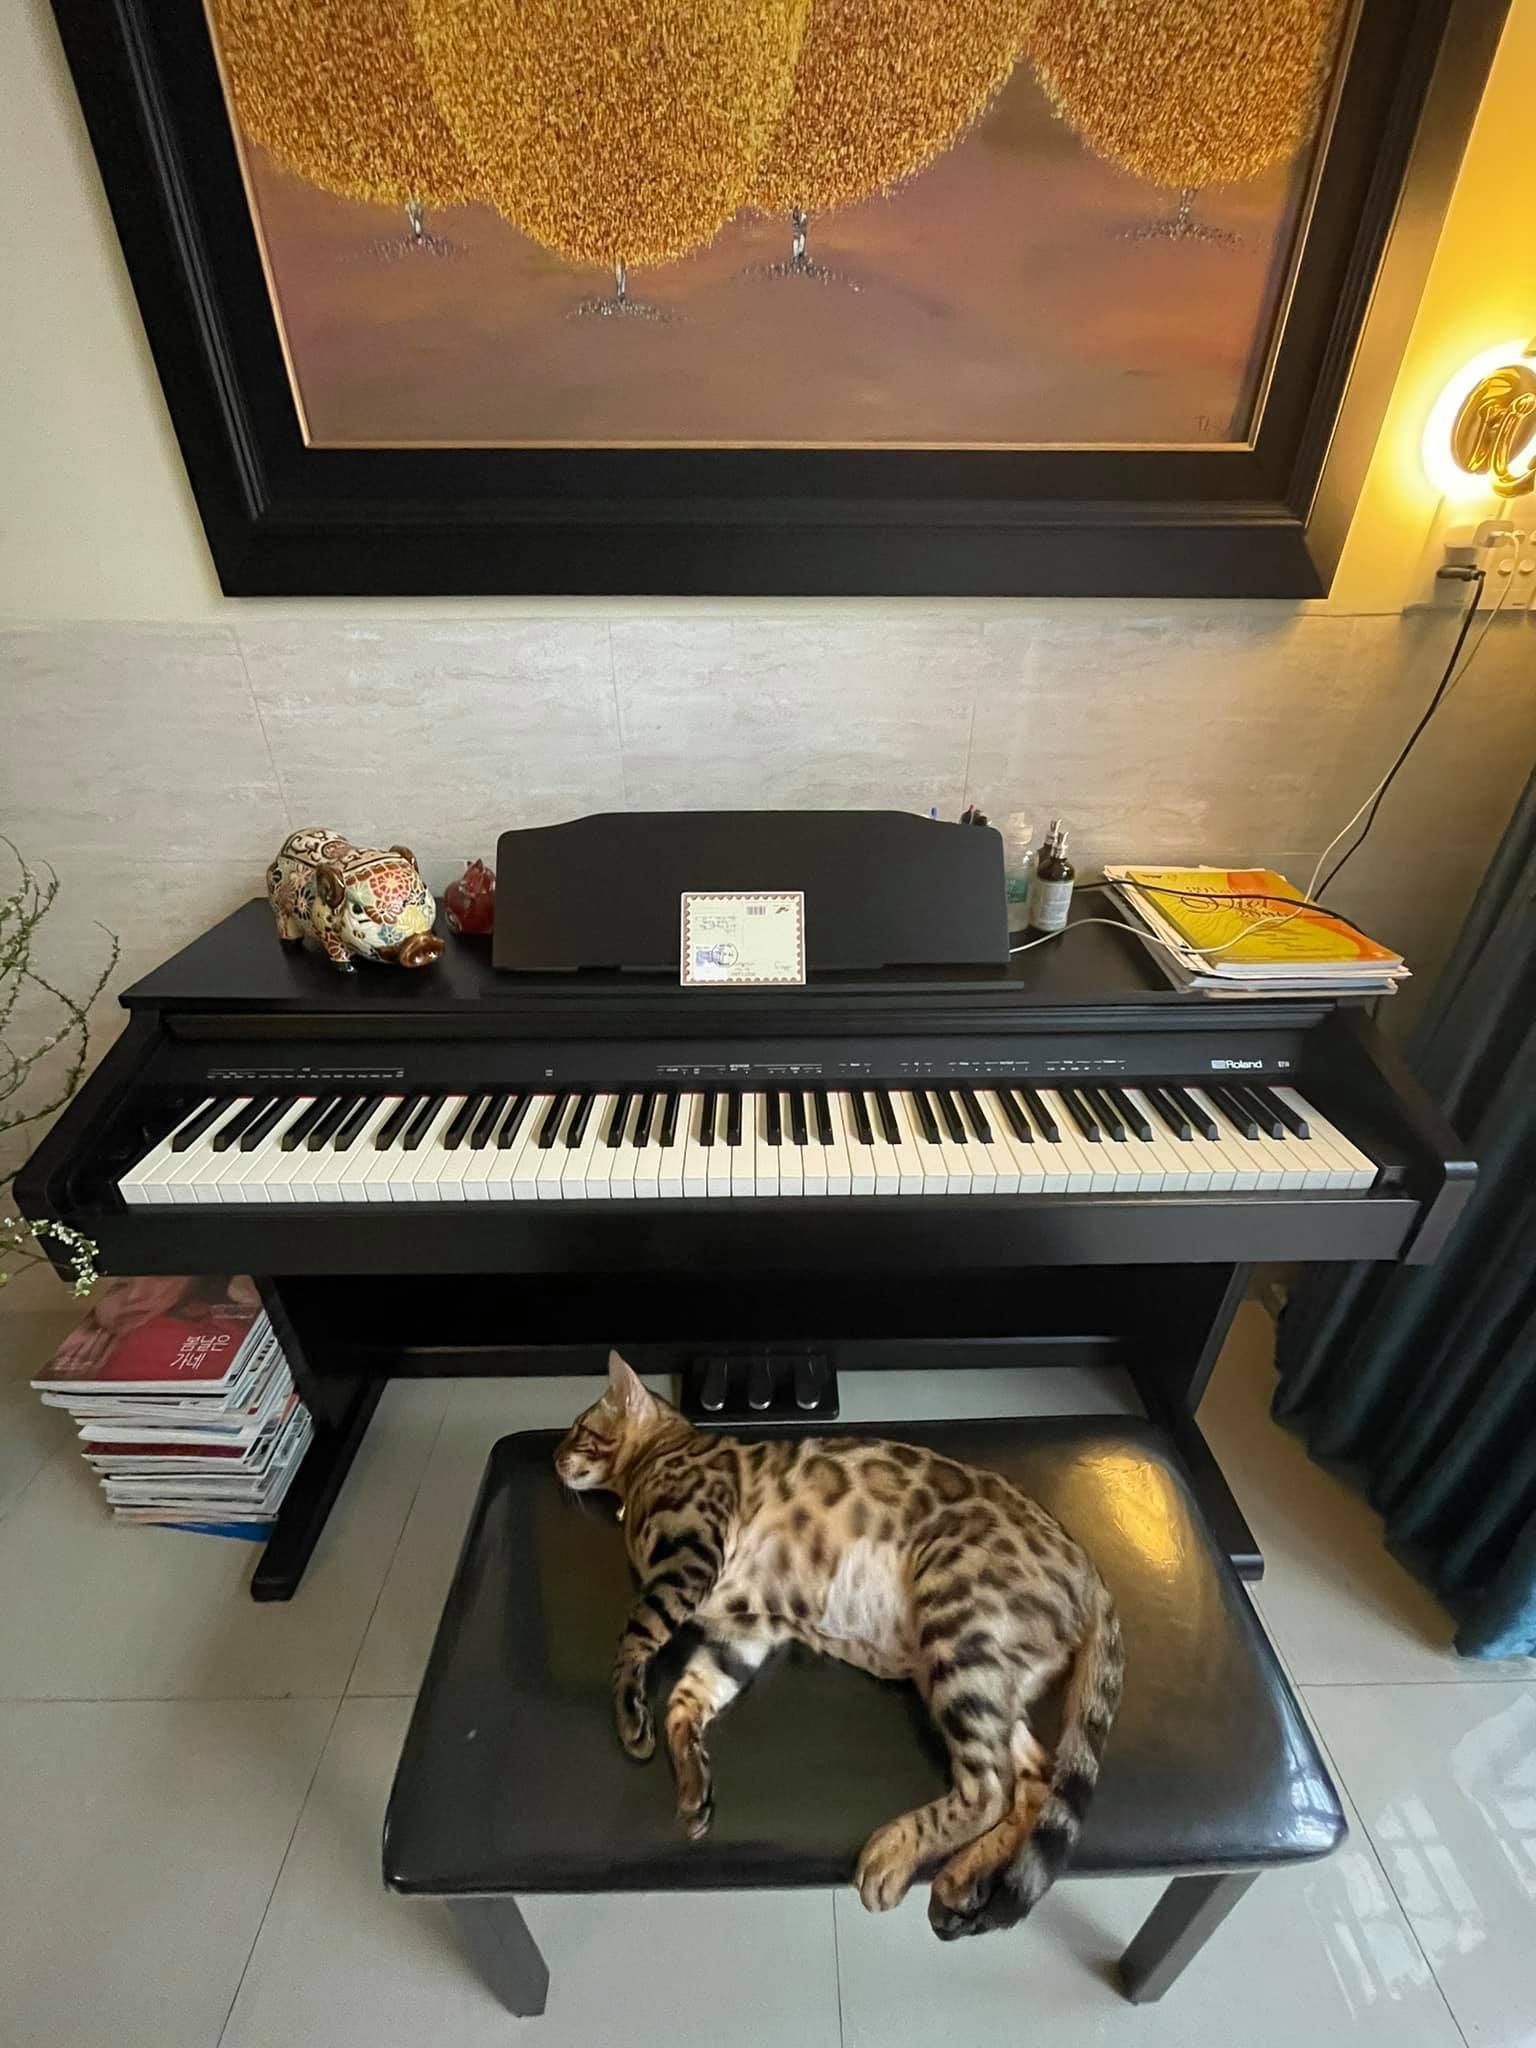 """Uyên Linh khoe nhà tối giản toàn tranh với mèo bình yên vô cùng, ai thích """"nghệ"""" cũng nên ngó qua thử xem! - Ảnh 4."""